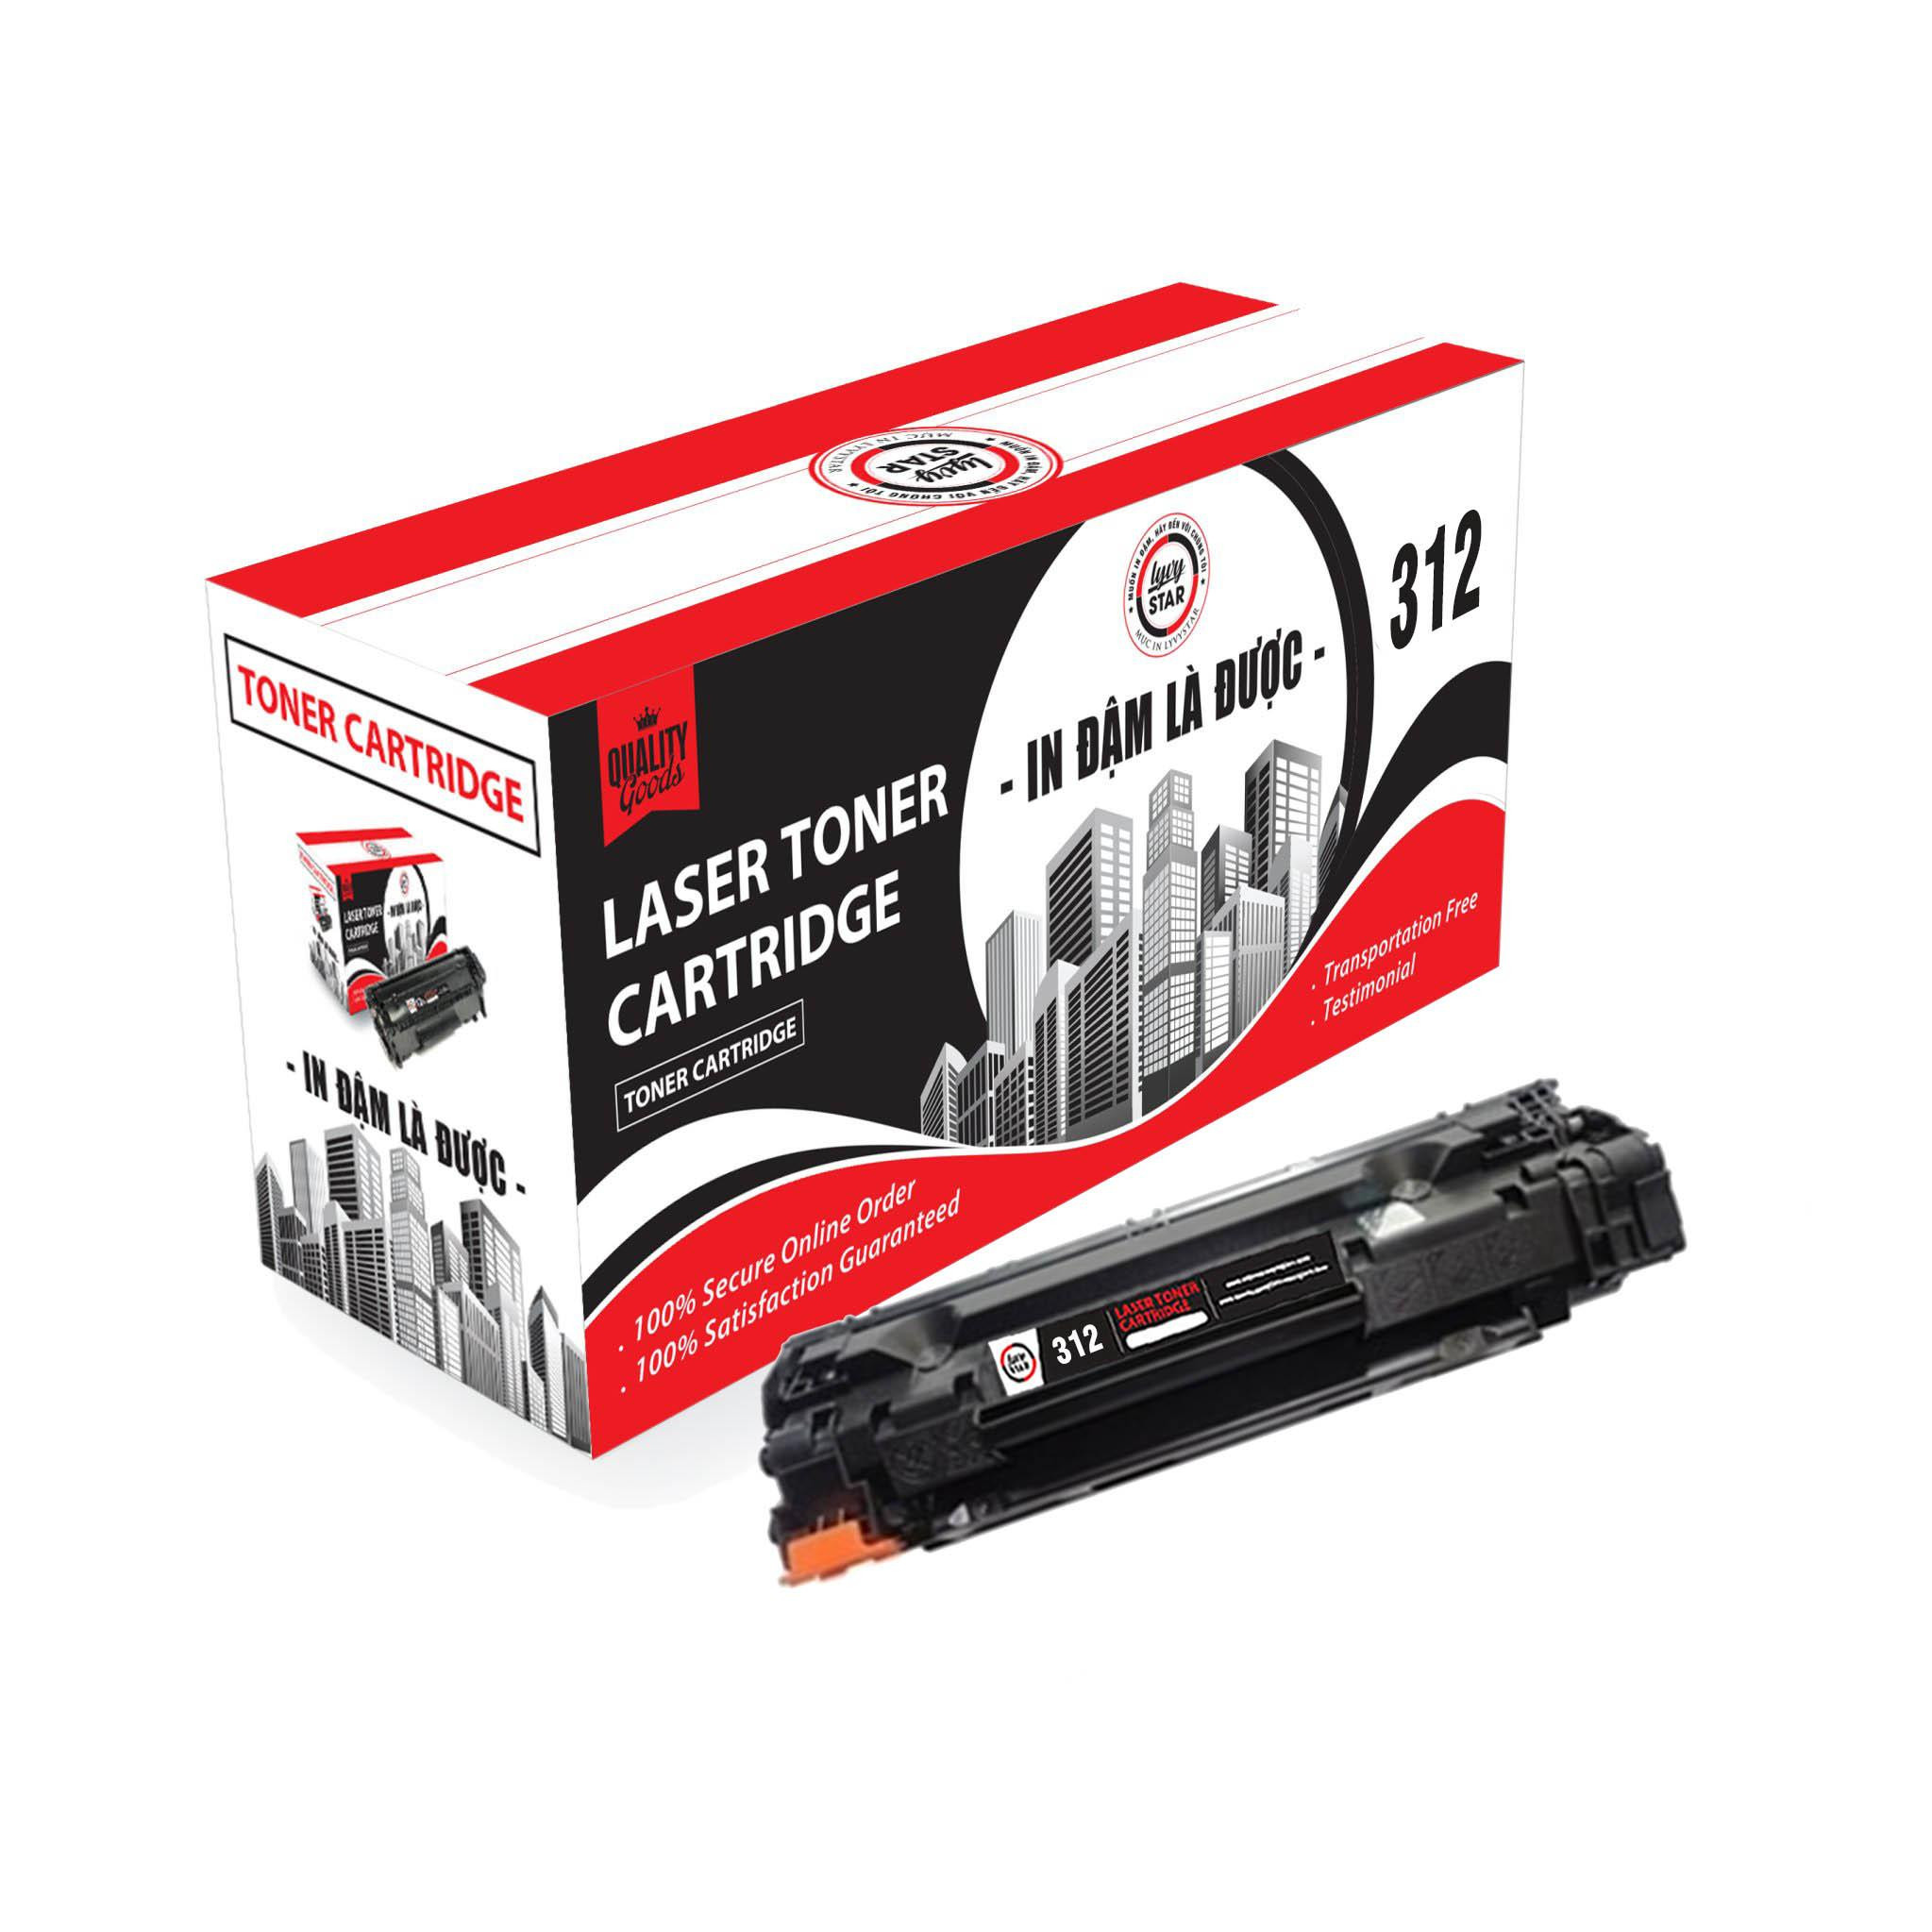 Mực in Lyvystar laser Cartridge 312 sử dụng cho máy in Canon - Hàng Chính Hãng